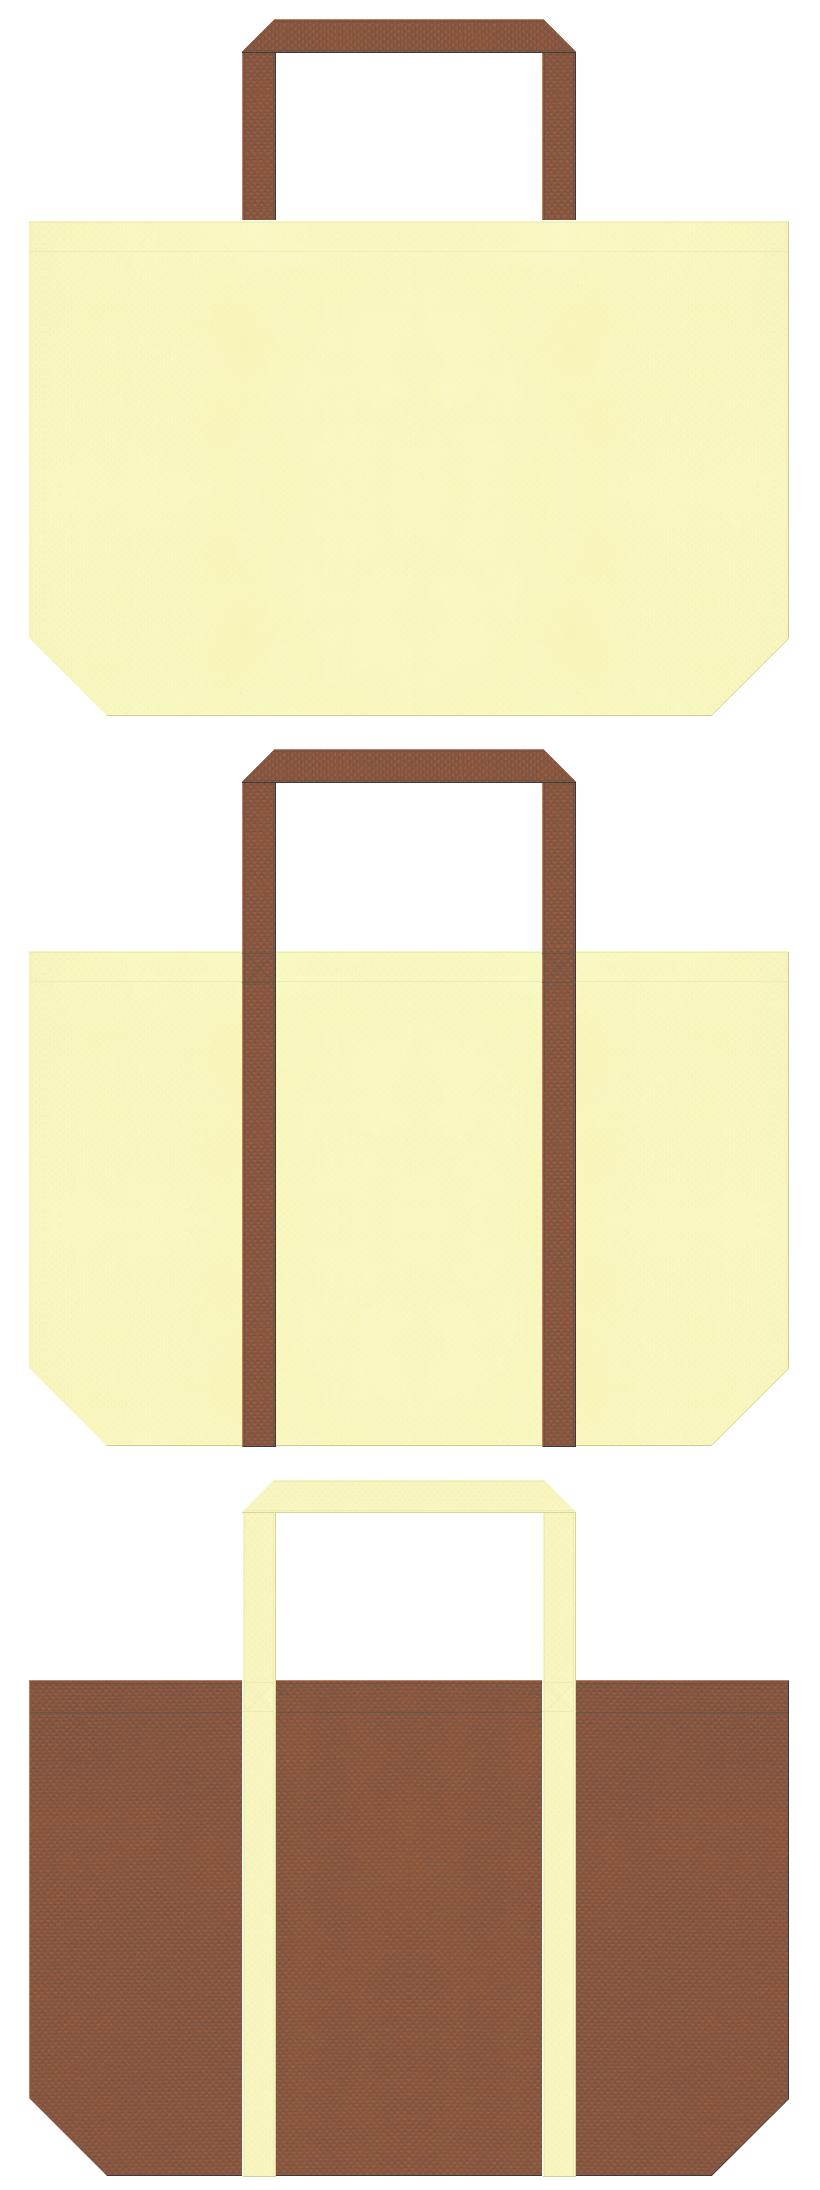 絵本・おとぎ話・どらやき・饅頭・和菓子・チョコクレープ・プリン・ロールケーキ・クリームパン・カフェ・スイーツ・ベーカリー・和菓子にお奨めの不織布バッグデザイン:薄黄色と茶色のコーデ